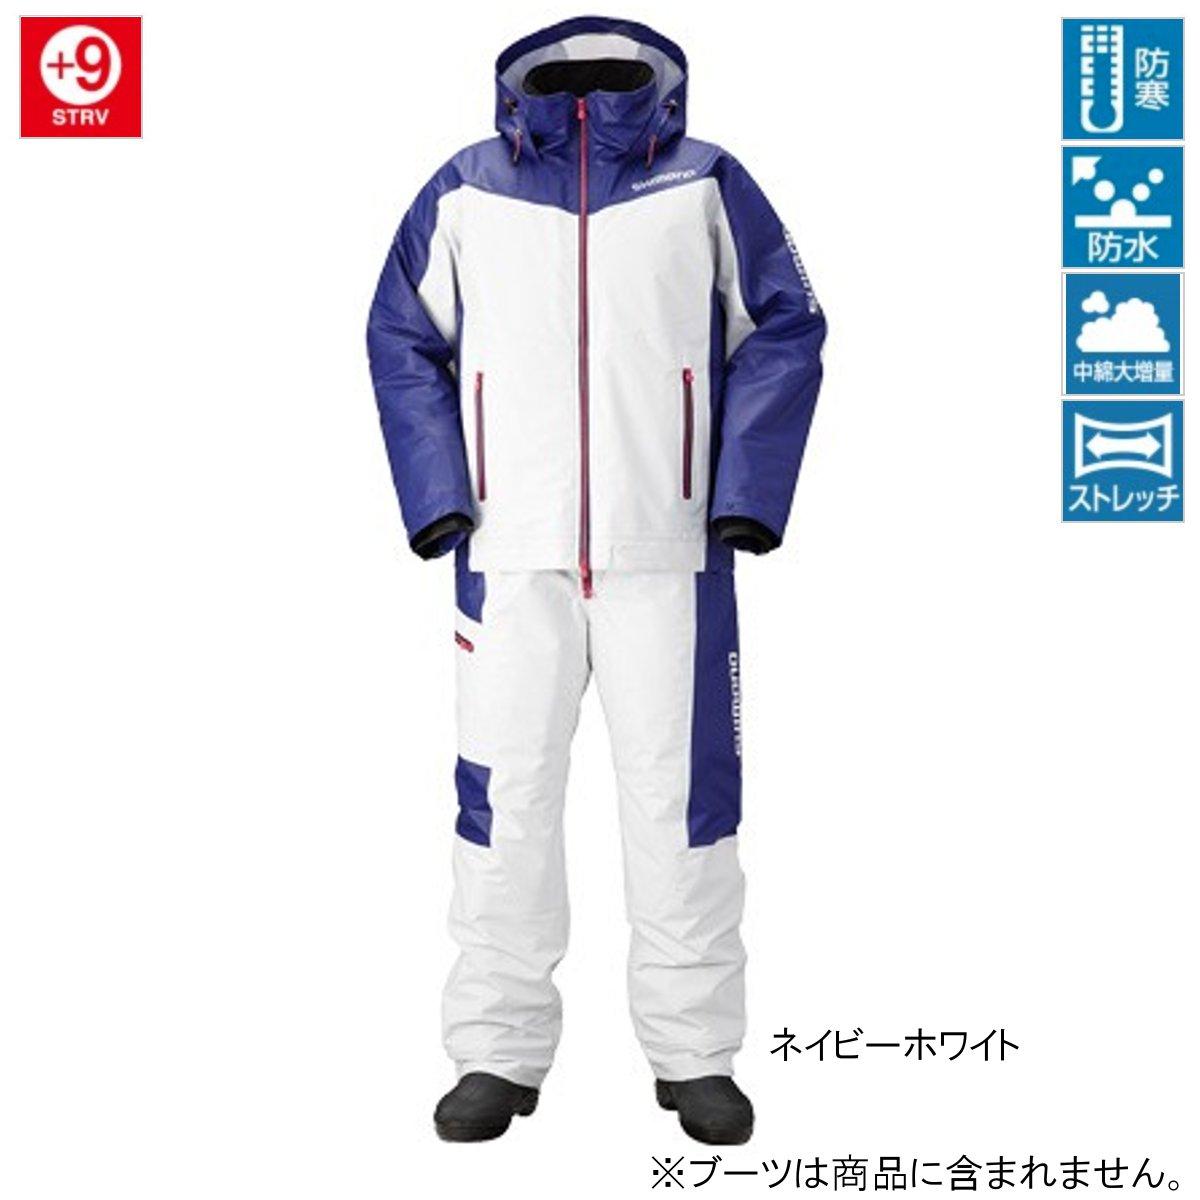 シマノ マリンコールドウェザースーツ EX RB-035N M ネイビーホワイト(東日本店)